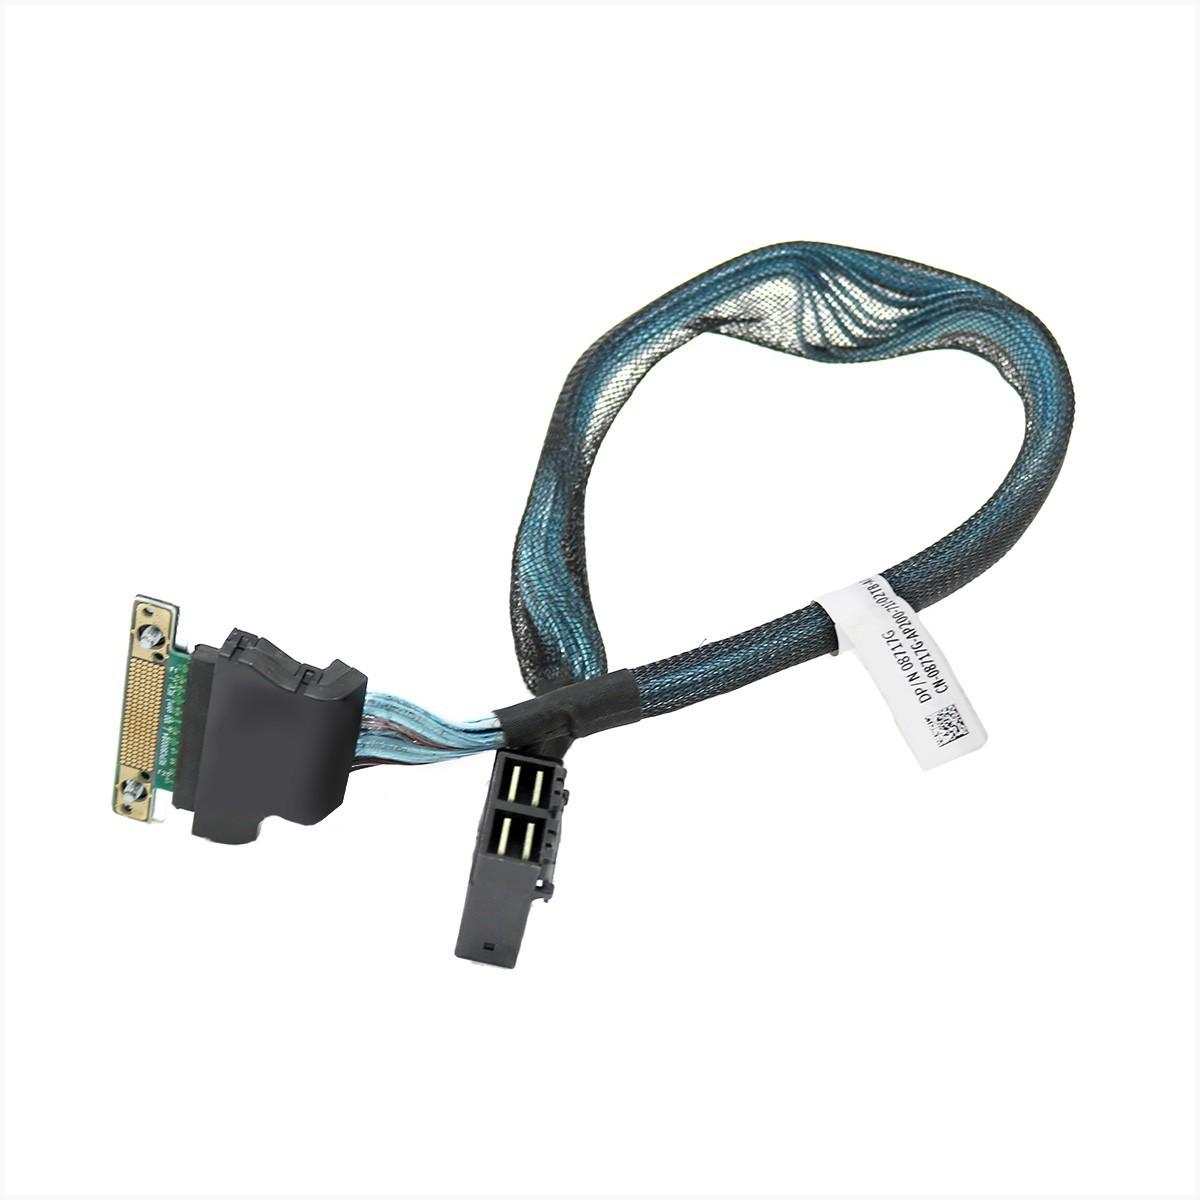 Cabo perc mini sas para servidores dell r730 r730xd 08717g - usado